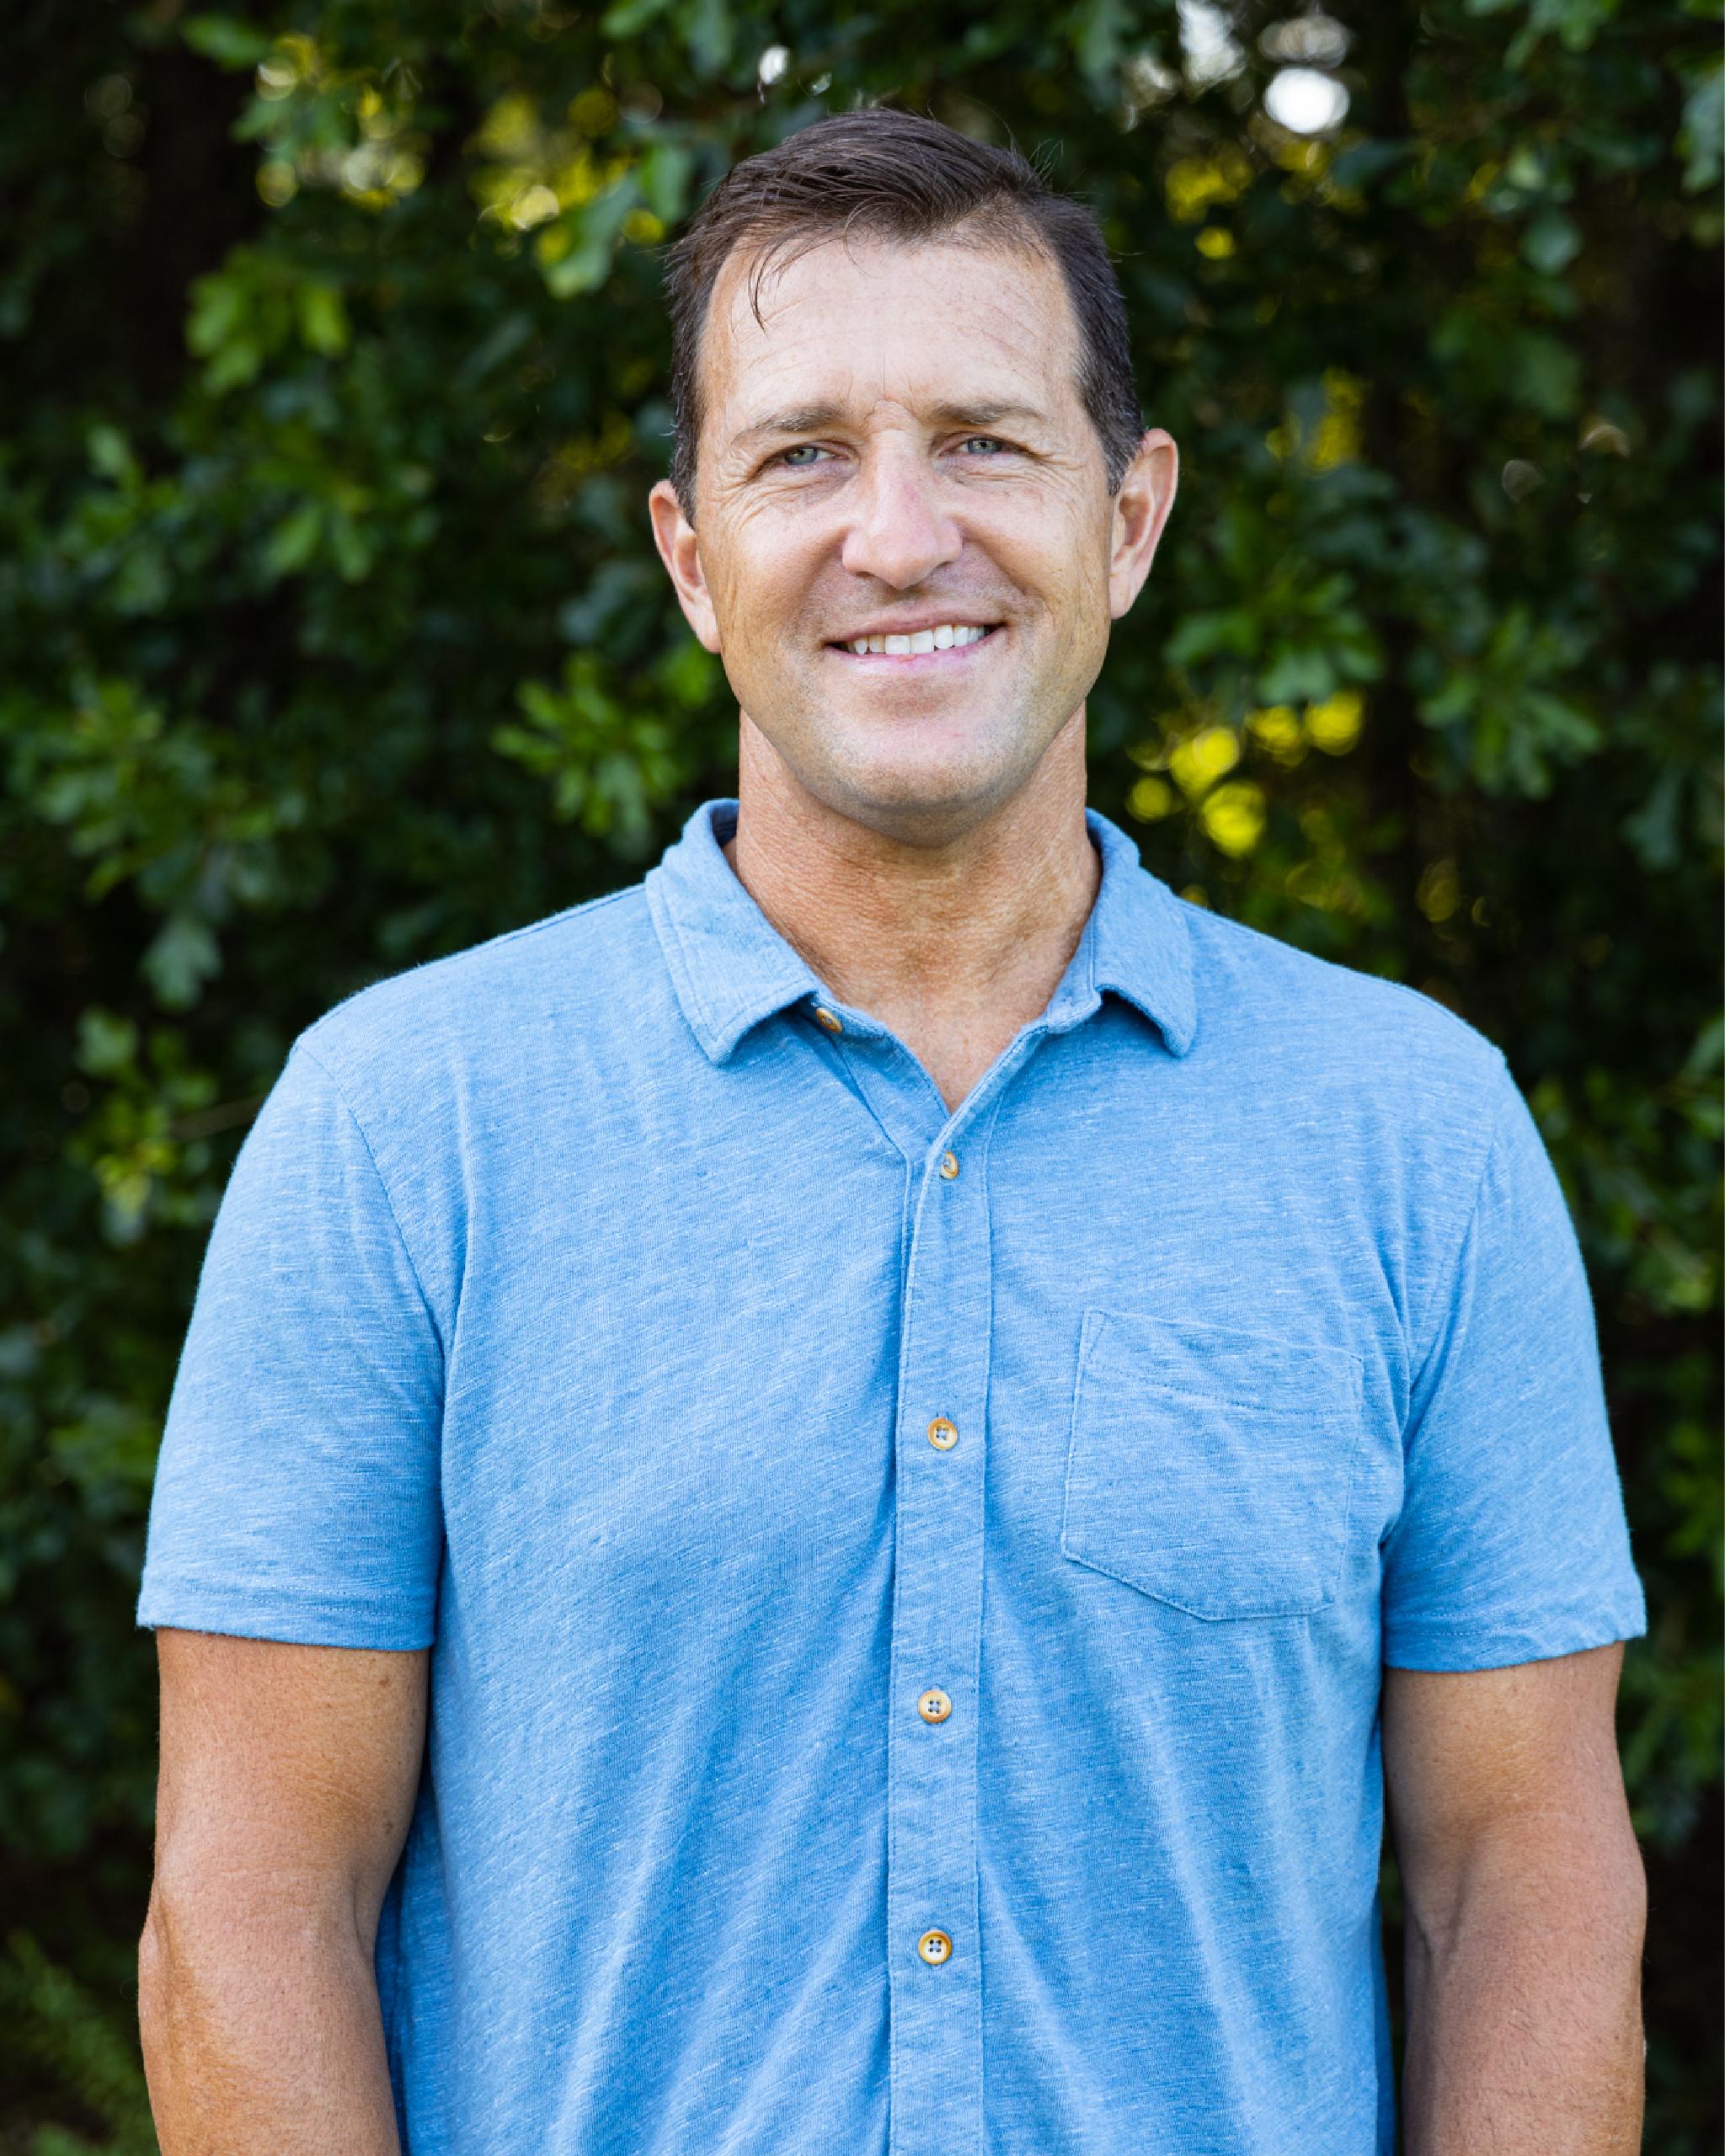 Chris Sherrod